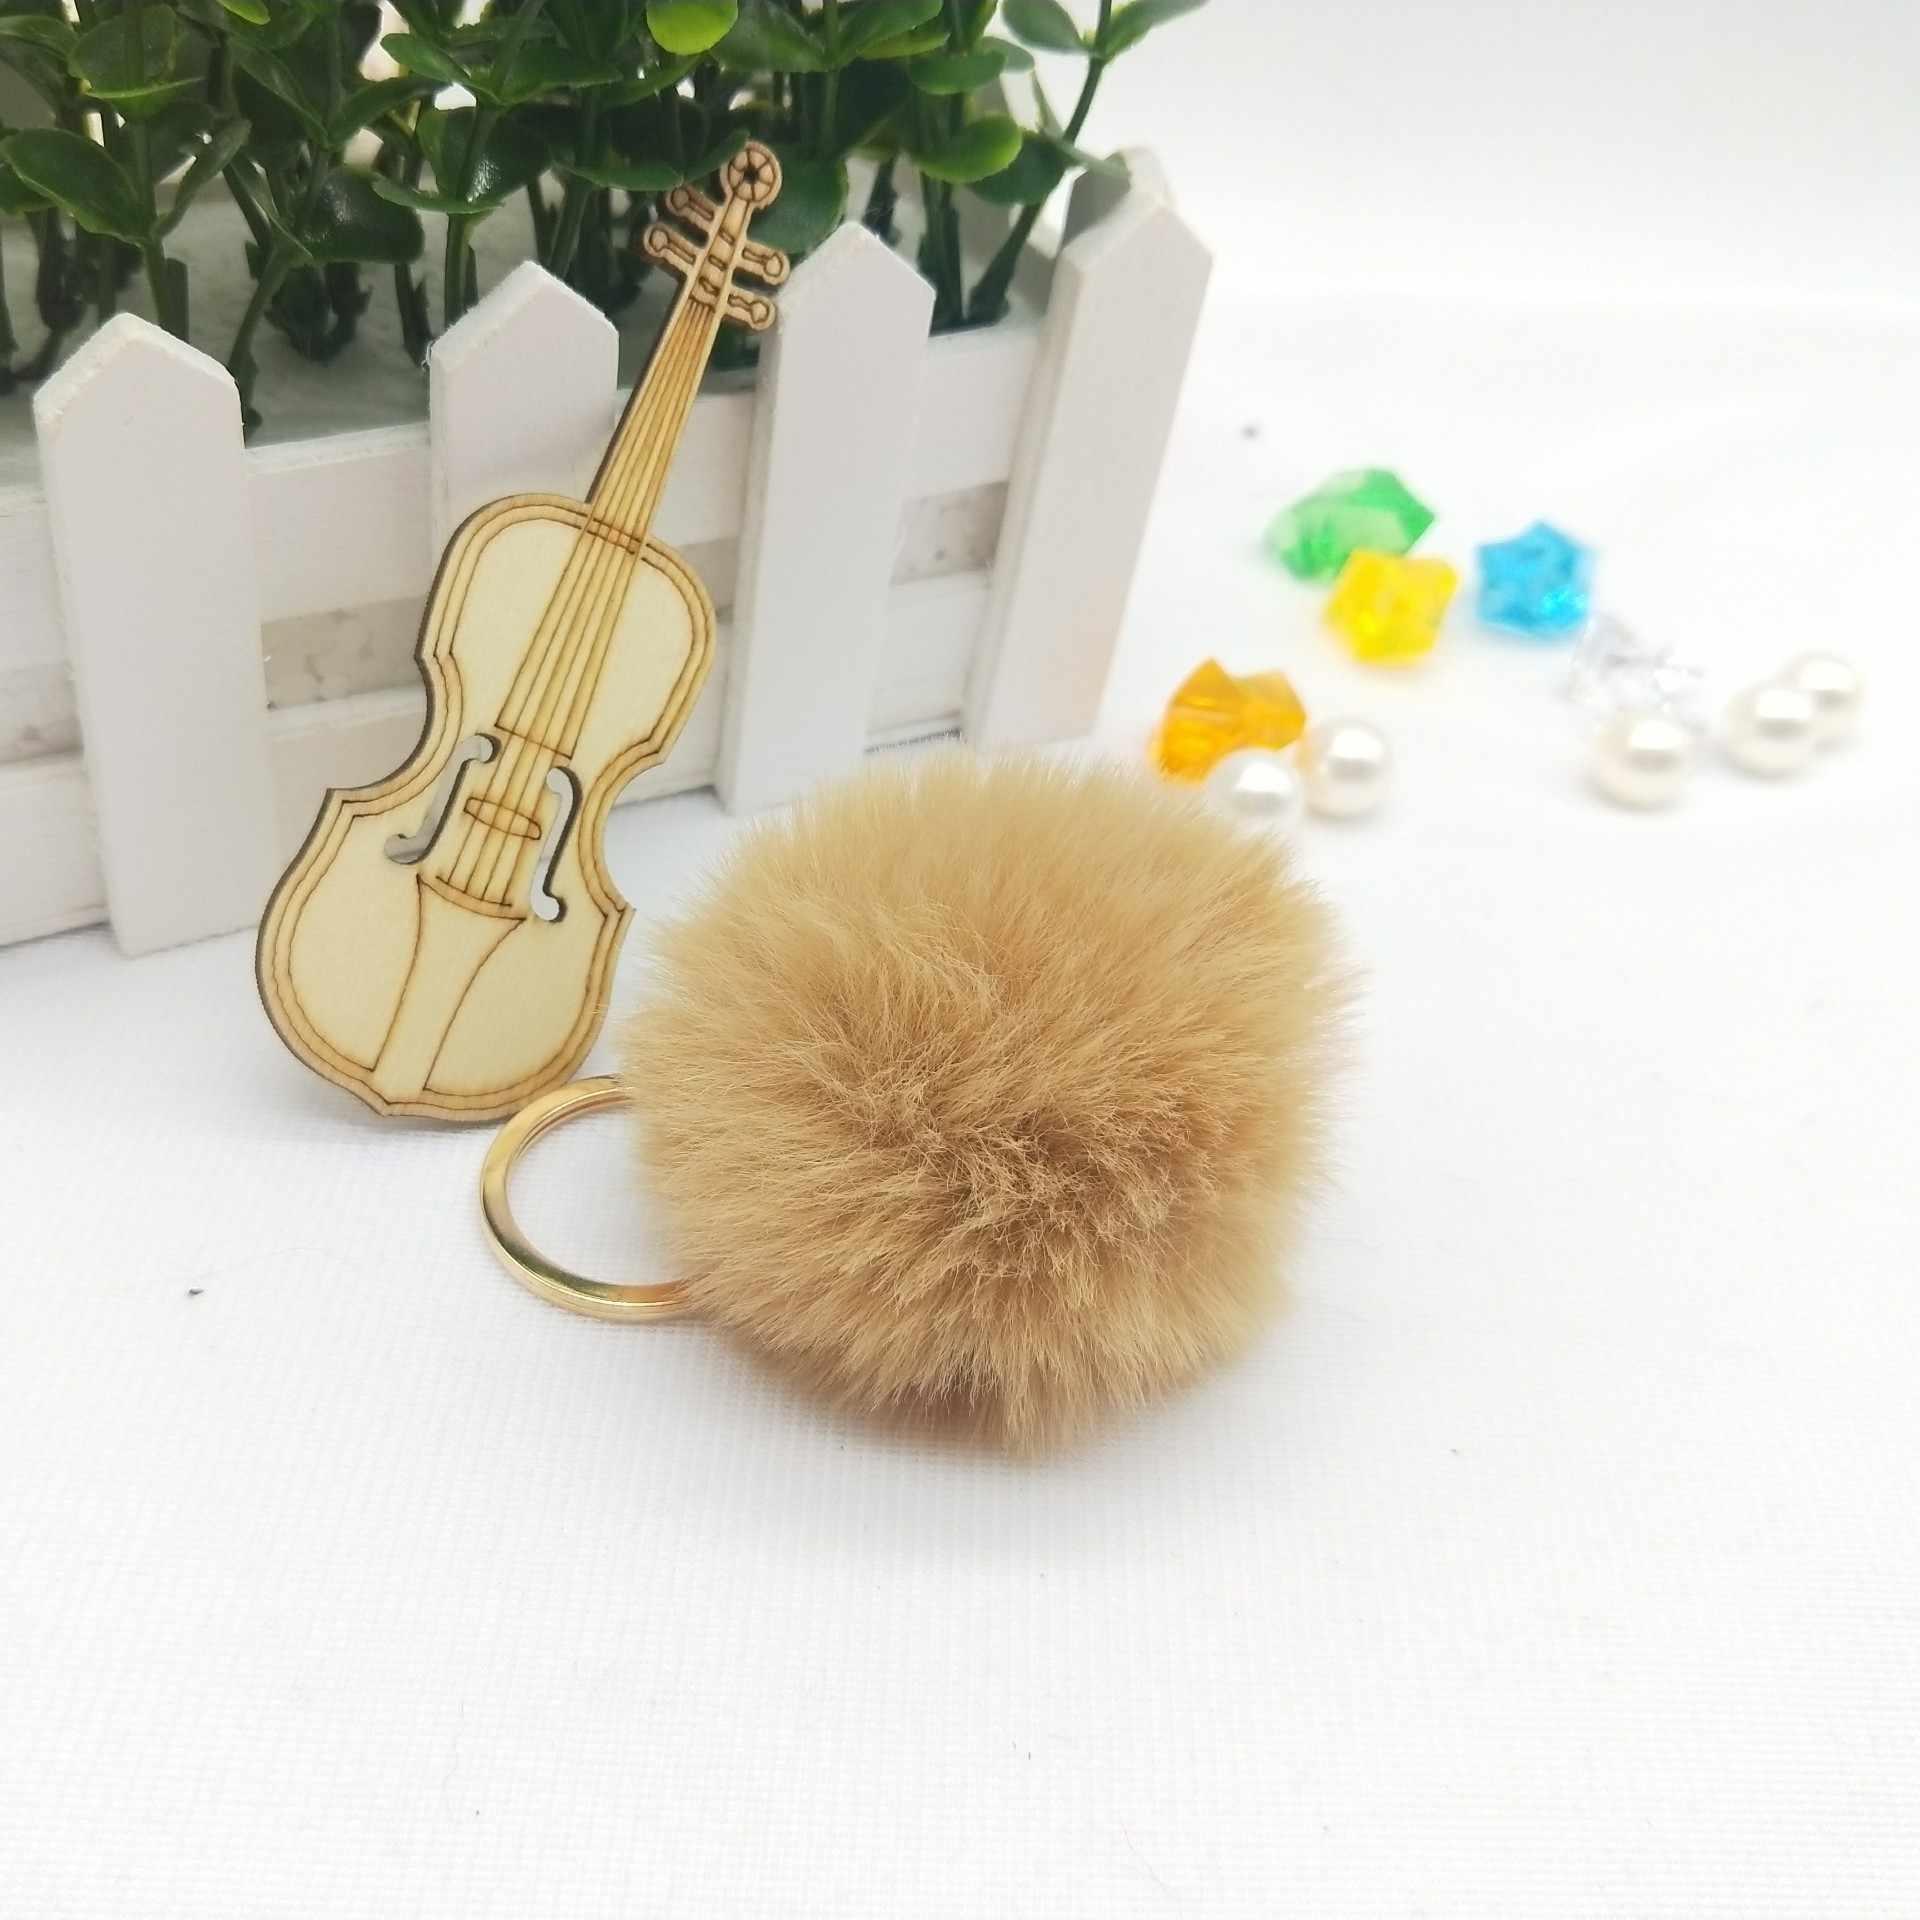 6 cm Falsa Pele De Coelho Bola Pompom Fofo Linda Corrente Chave Chaveiro Chaveiro Bonito Pom Pom Clef Porte Para As Mulheres charme saco de Brinquedos